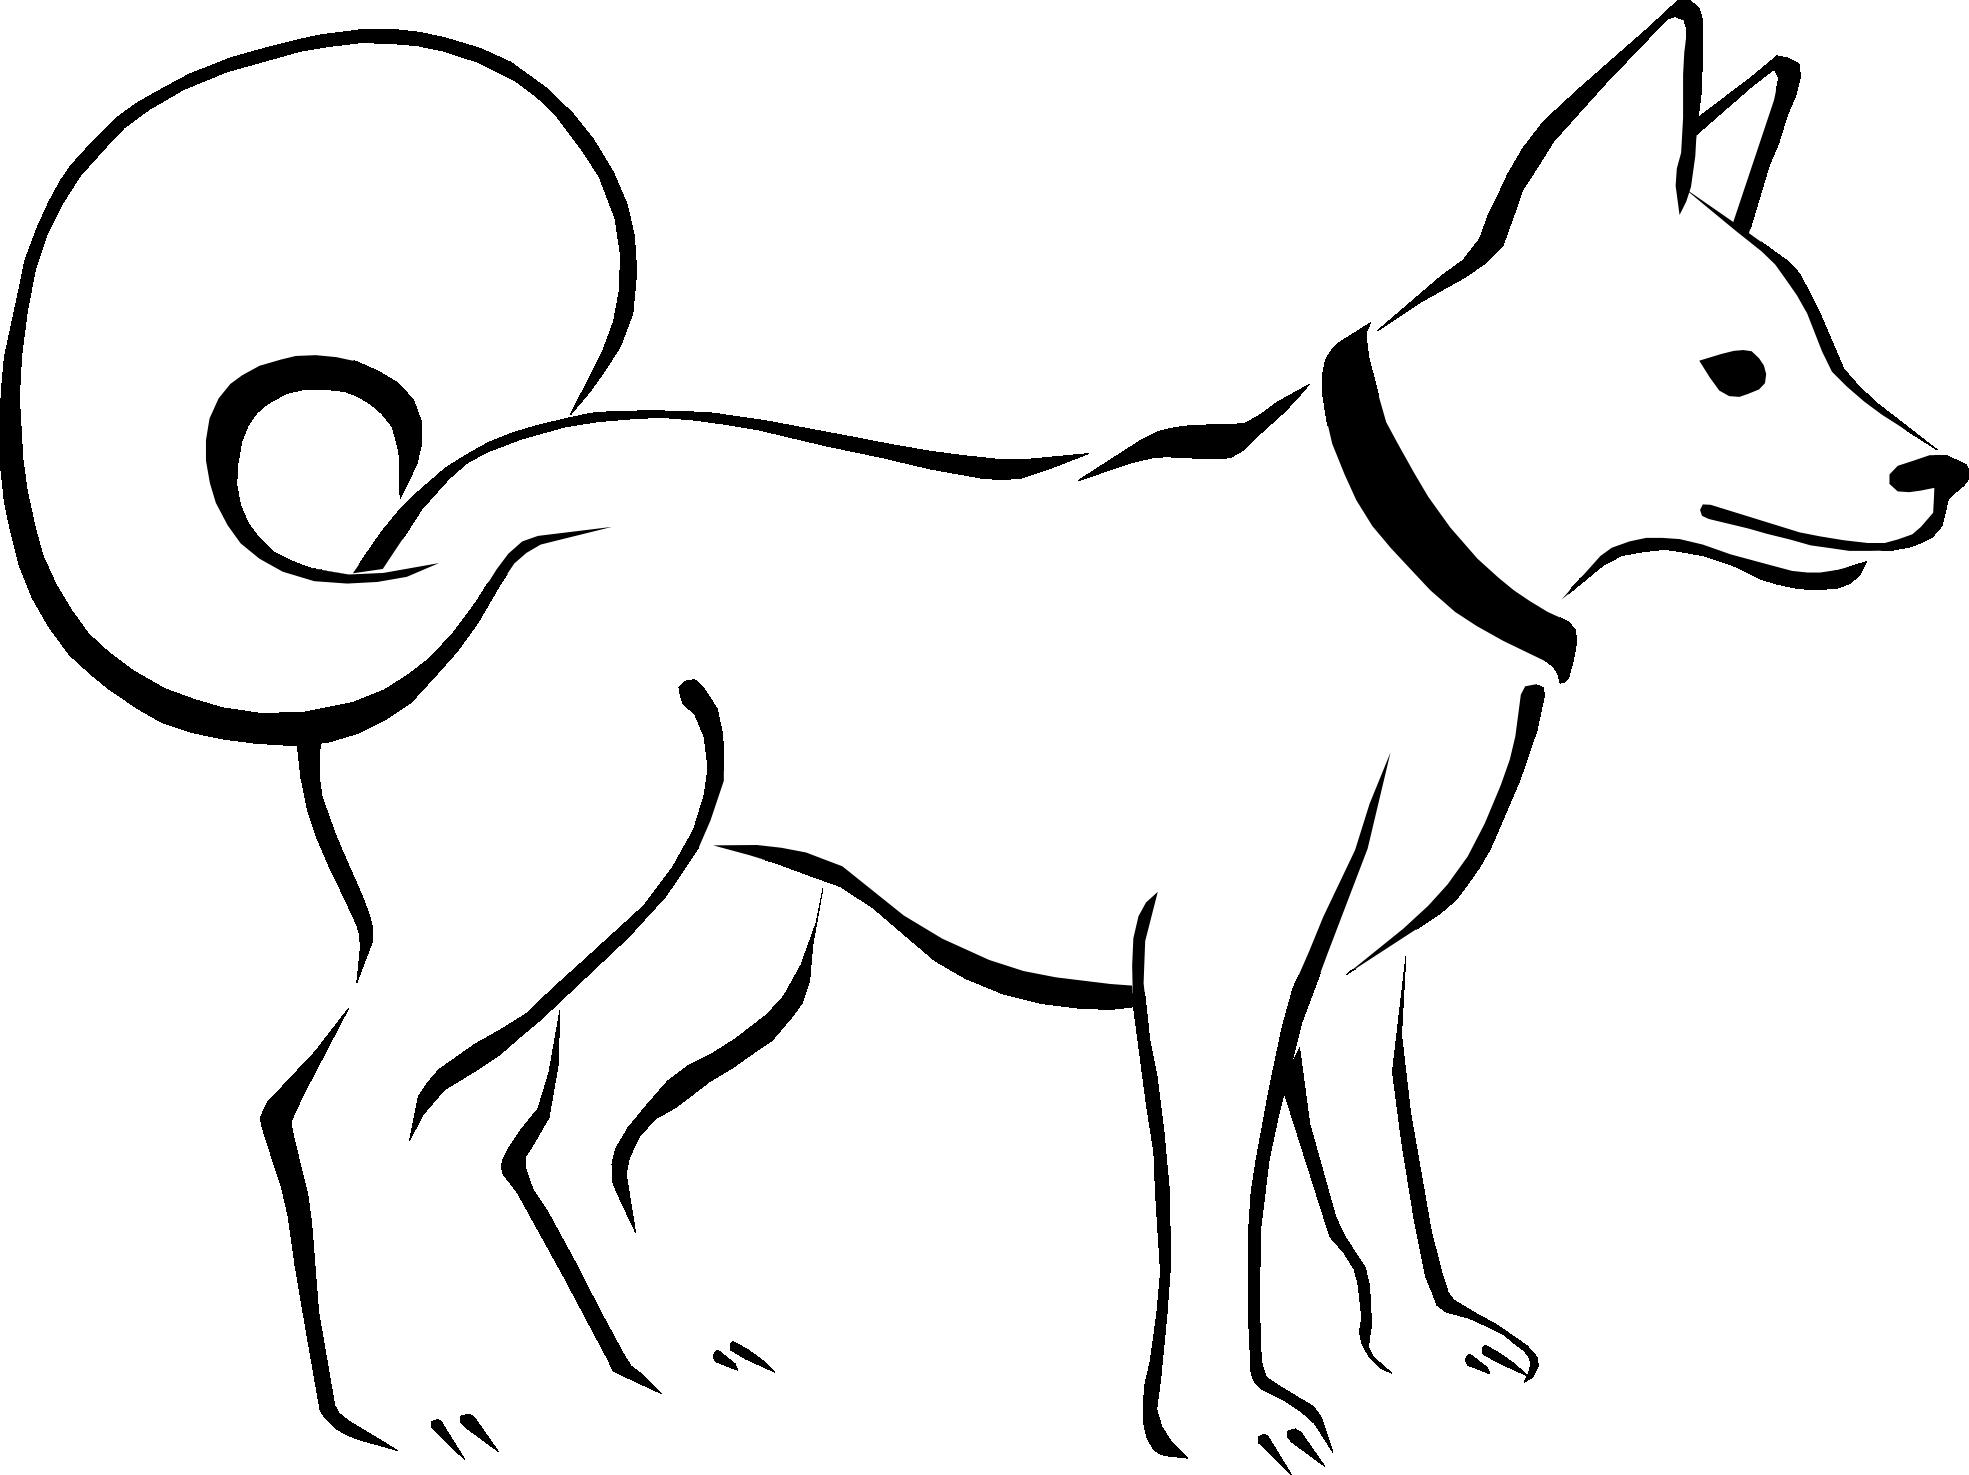 Flip Flops Clipart Black And White-flip flops clipart black and white-16